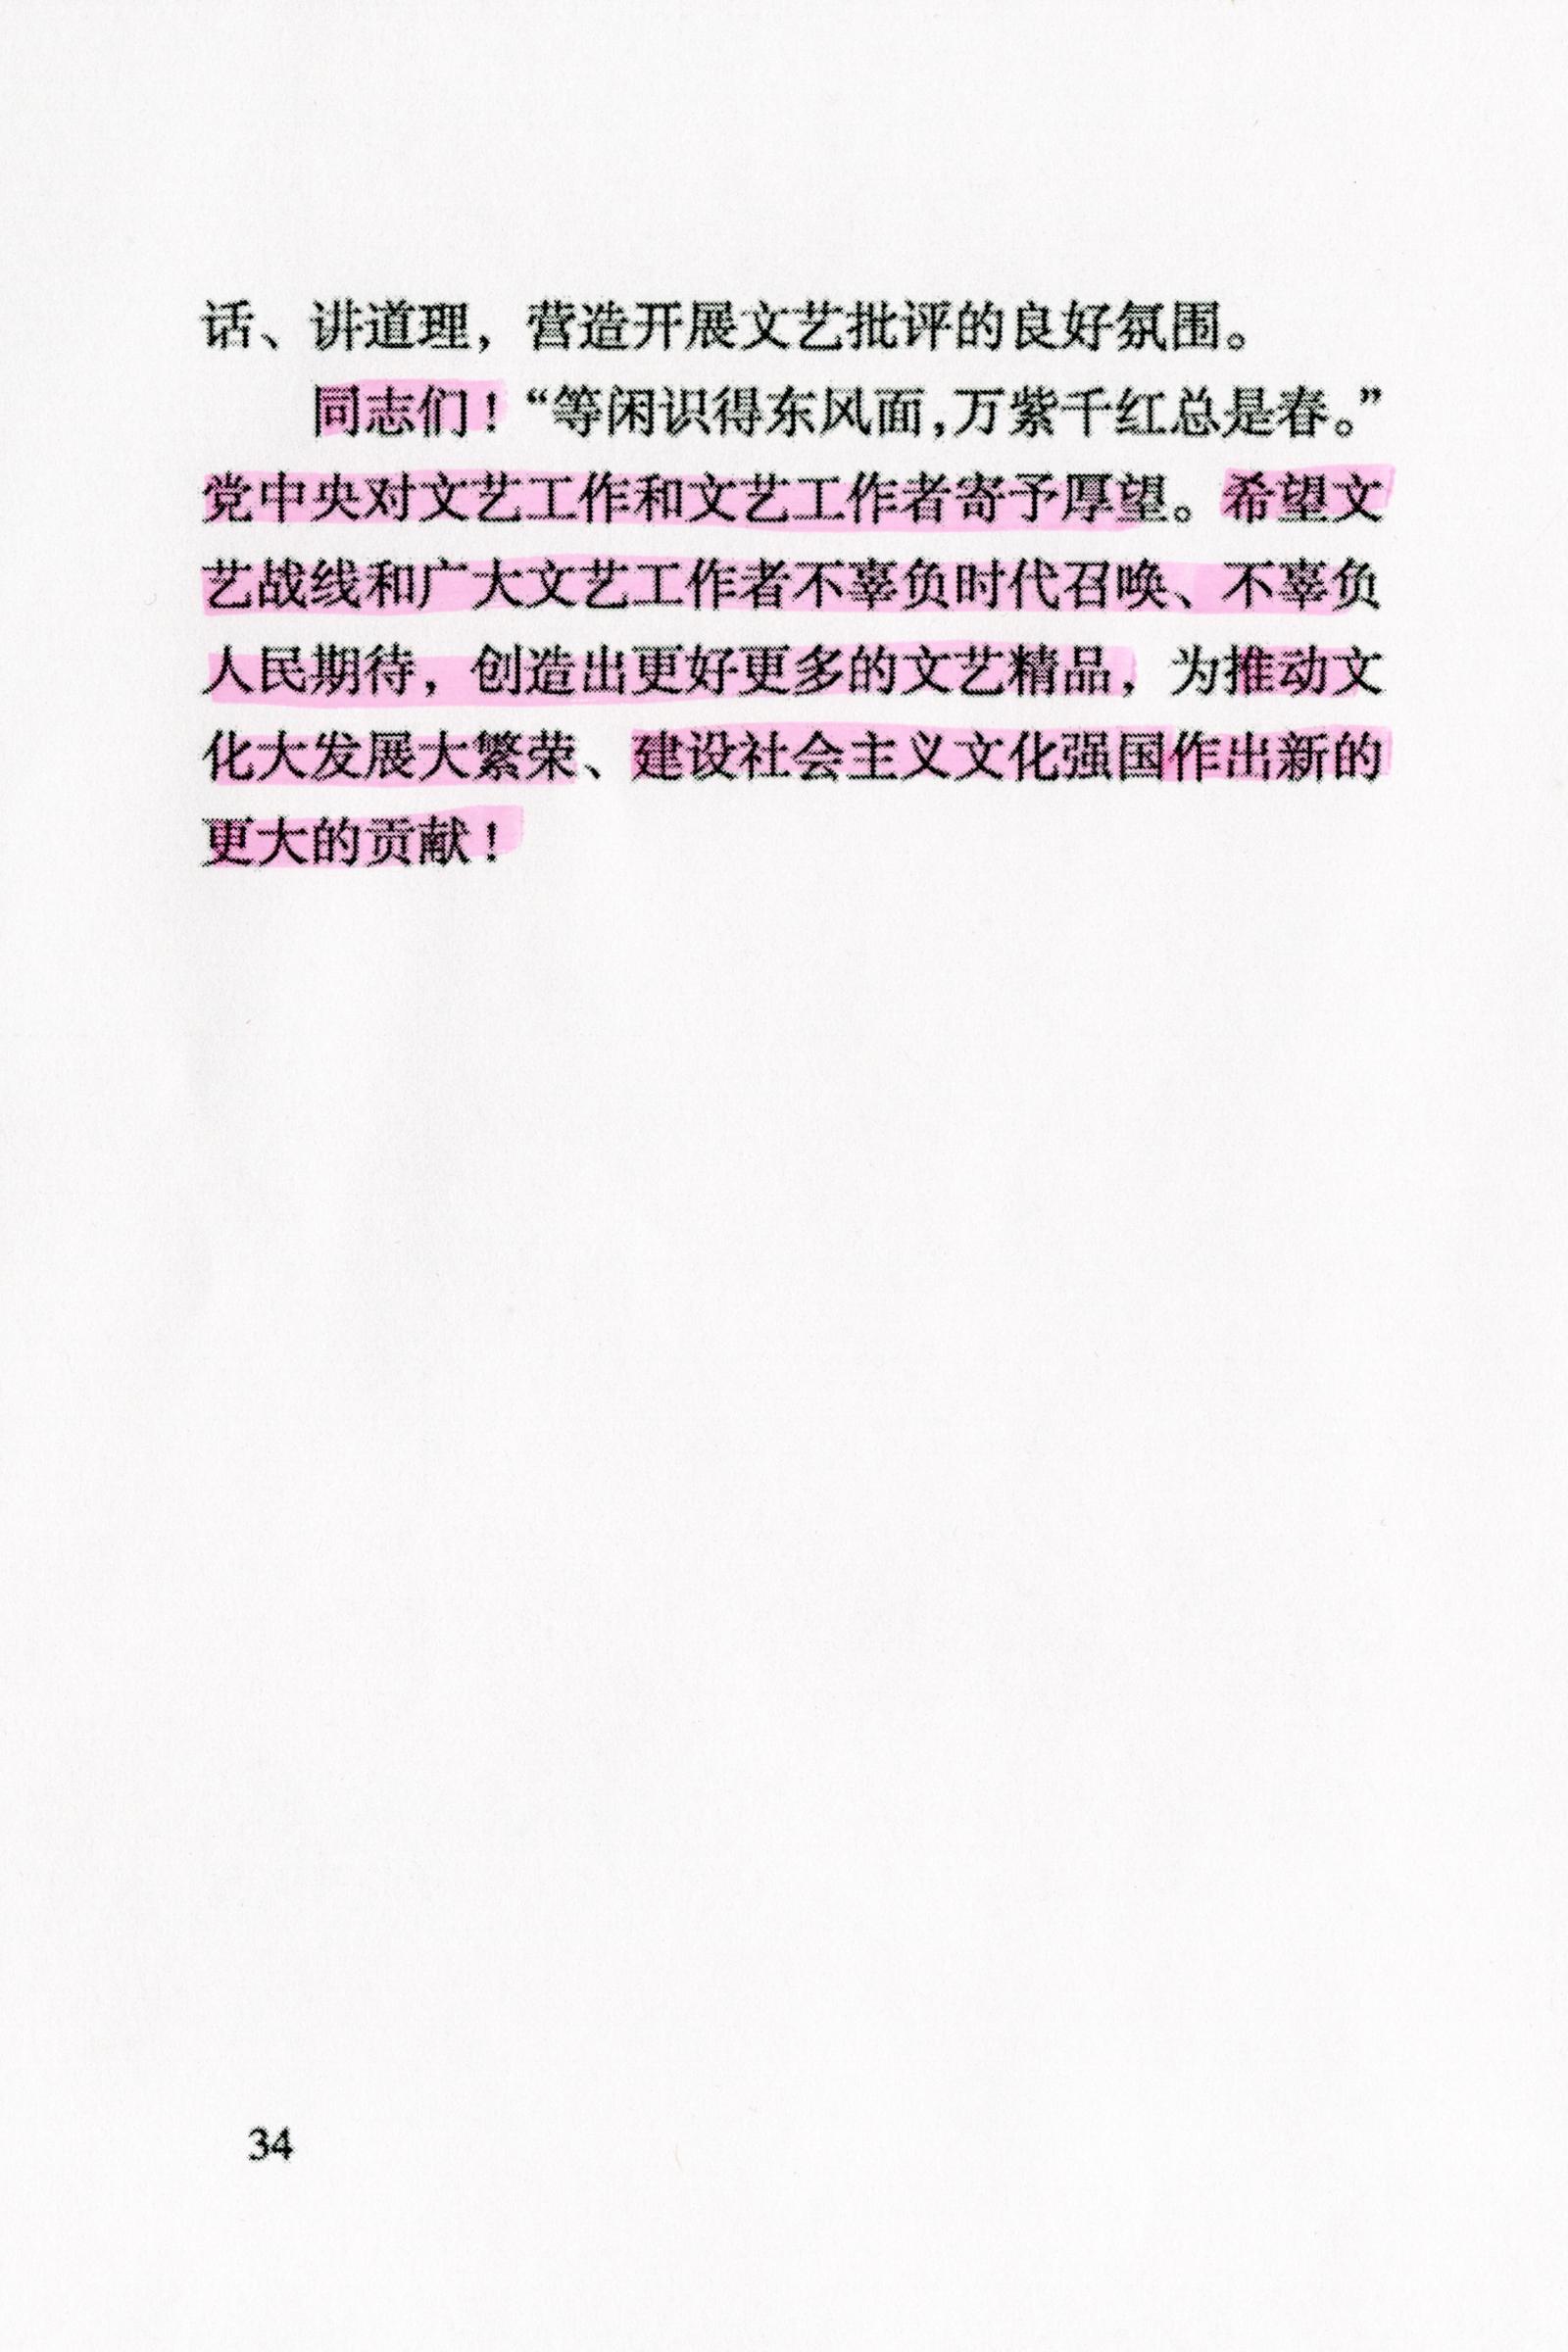 Xi2-3-35.jpg